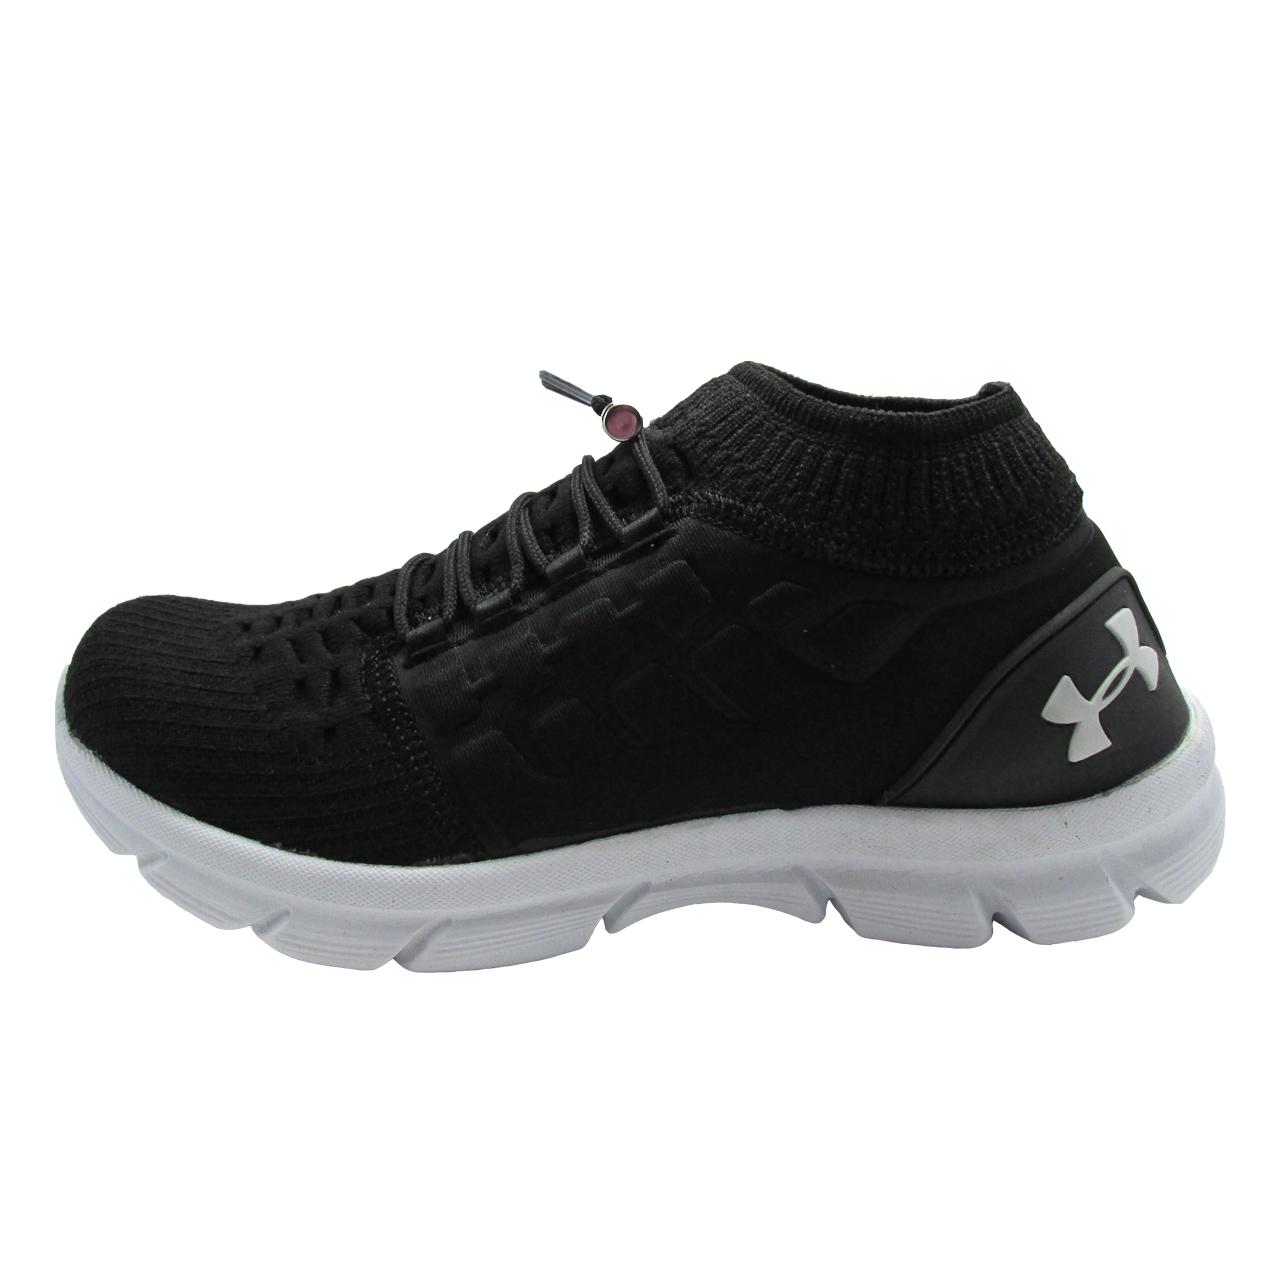 کفش مخصوص پیاده روی زنانه مدل B36 رنگ مشکی